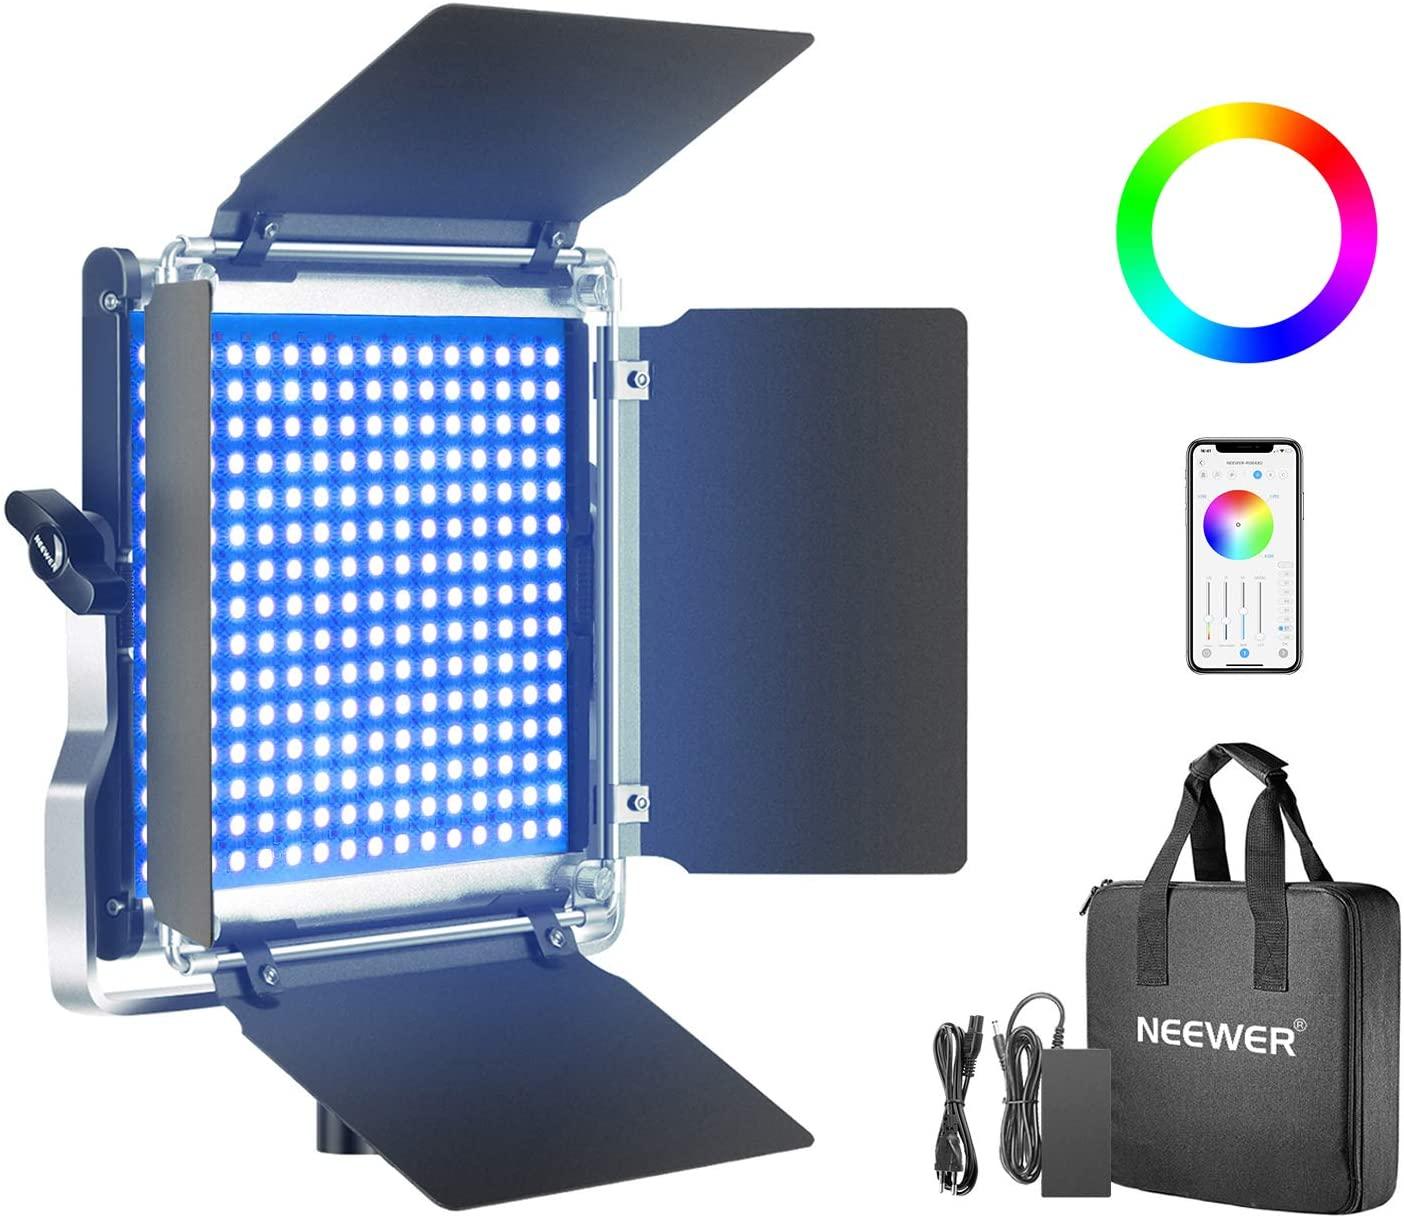 La lampe neewer : tu peux choisir la teinte qui t'intéresse ou un effet spécial. une solution abordable et très efficaces pour éclairer ton studio d'enregistrement !